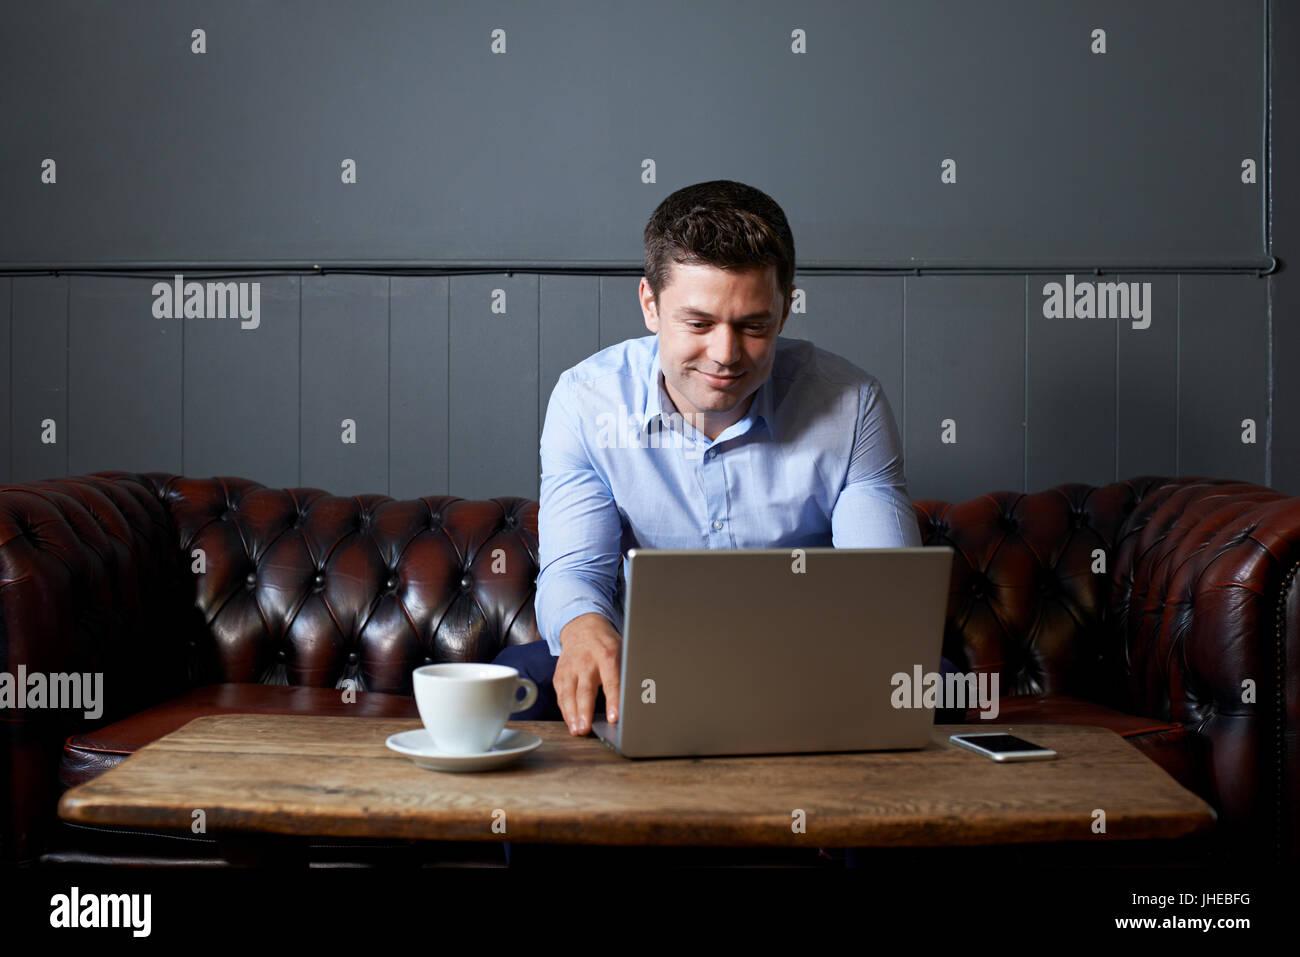 Hombre trabajando con un portátil en Internet Cafe Imagen De Stock